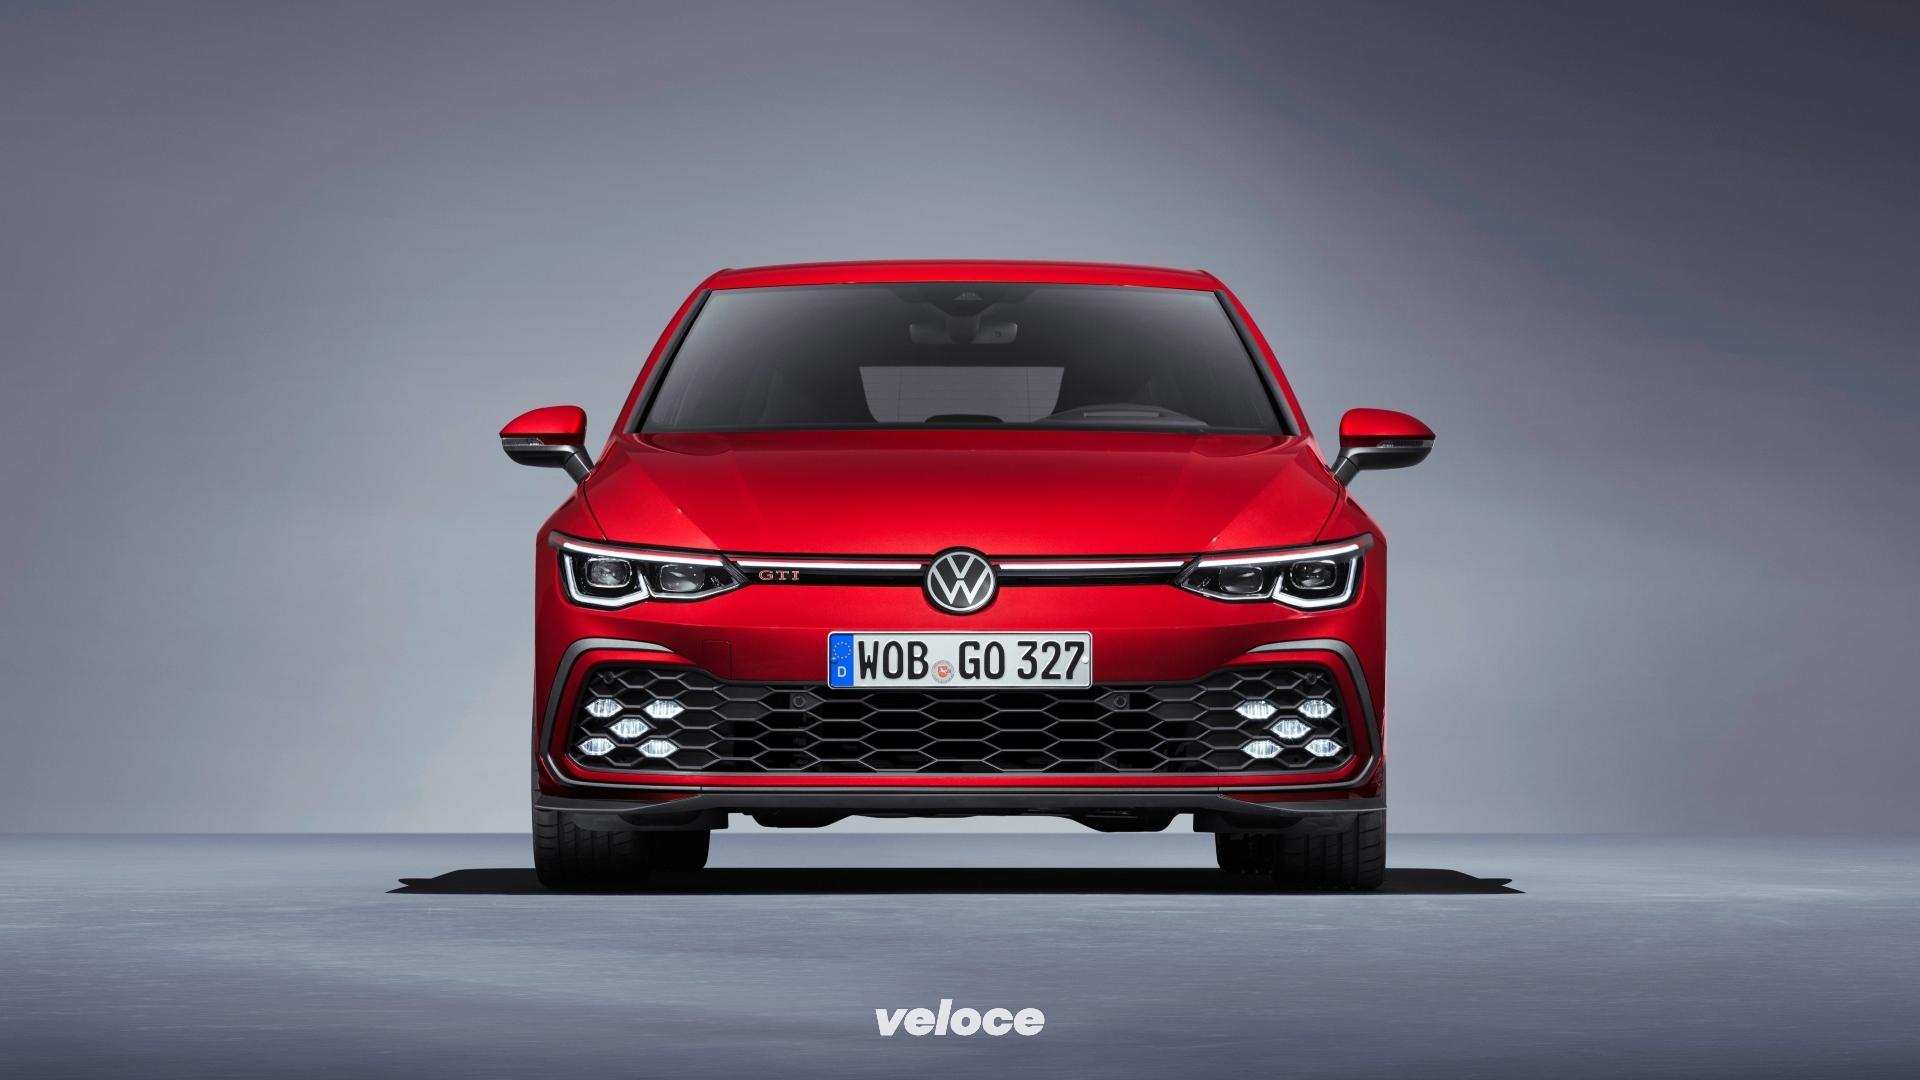 Nuova Volkswagen Golf, tempo di GTI (GTD e GTE)